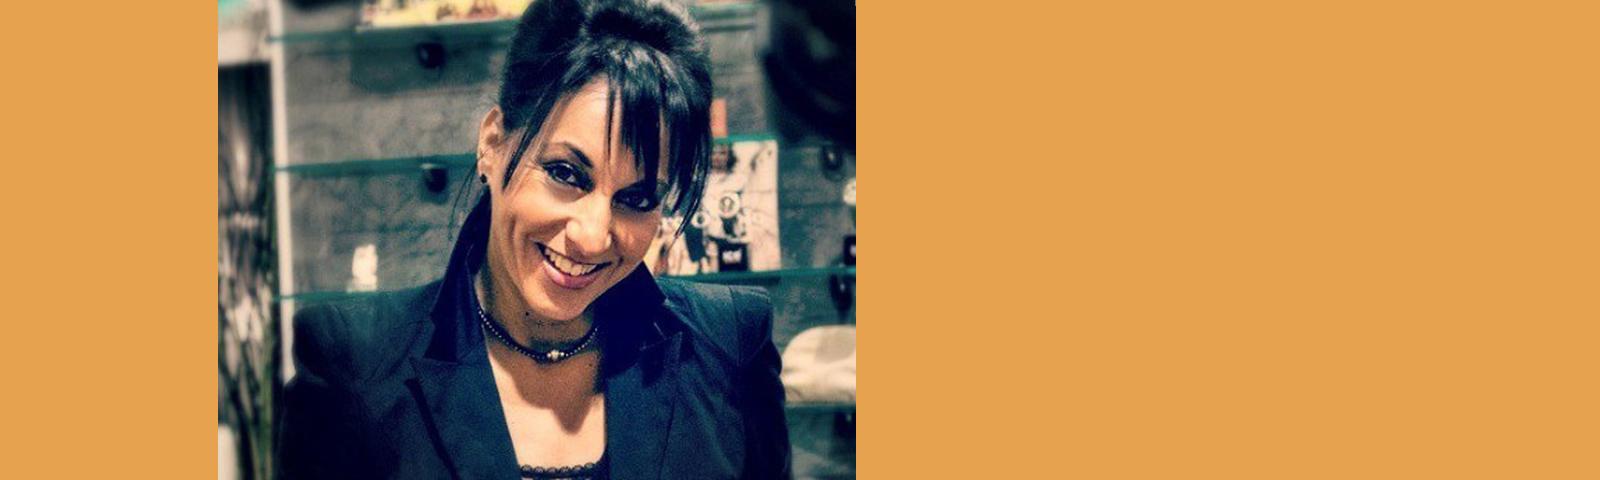 Jasmin El-Assal-Zimmermann | Smart & Nett Verlag